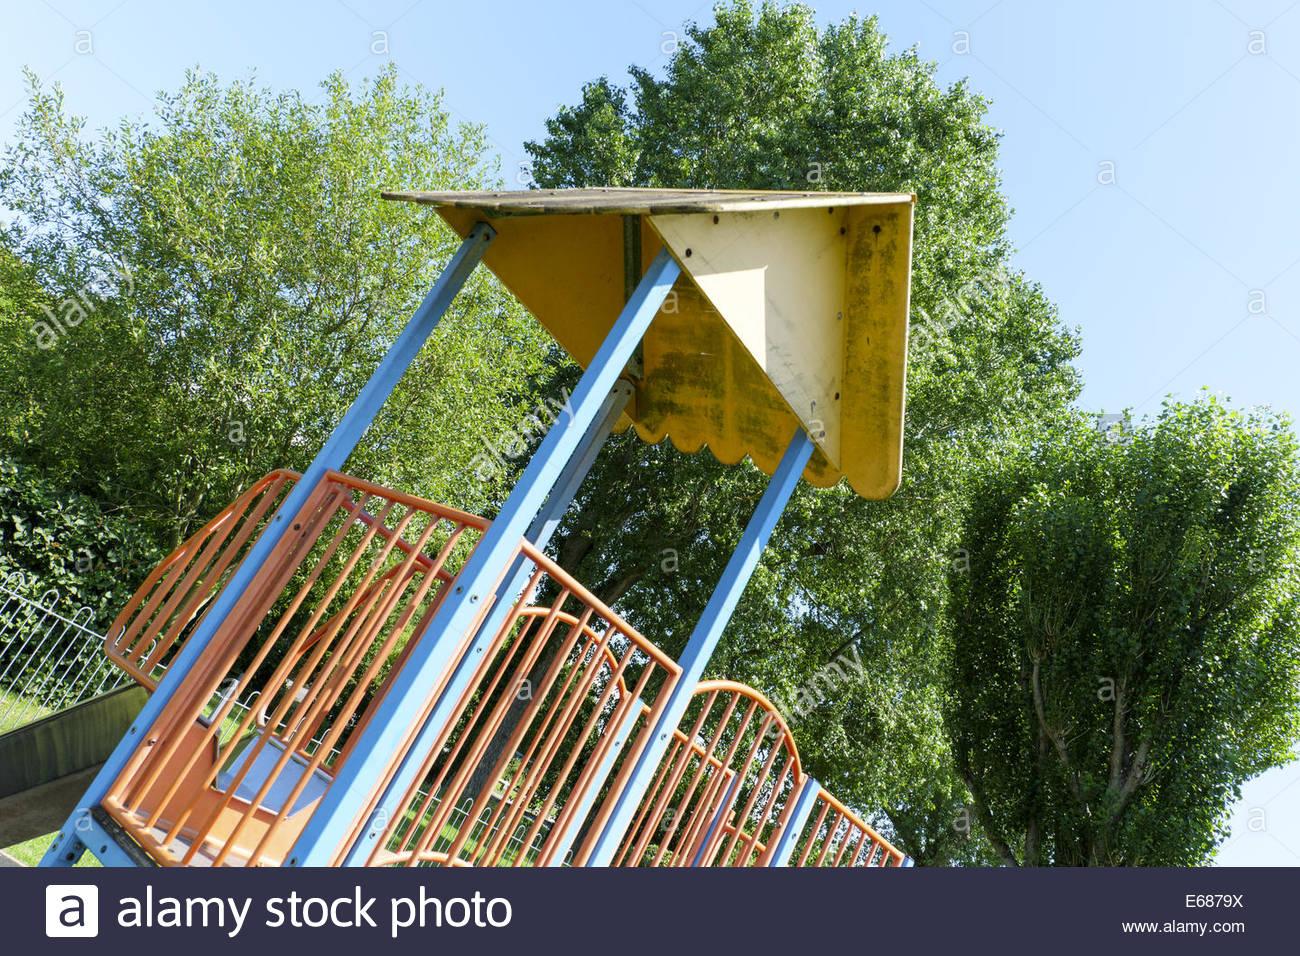 Frame Slide Stockfotos & Frame Slide Bilder - Alamy